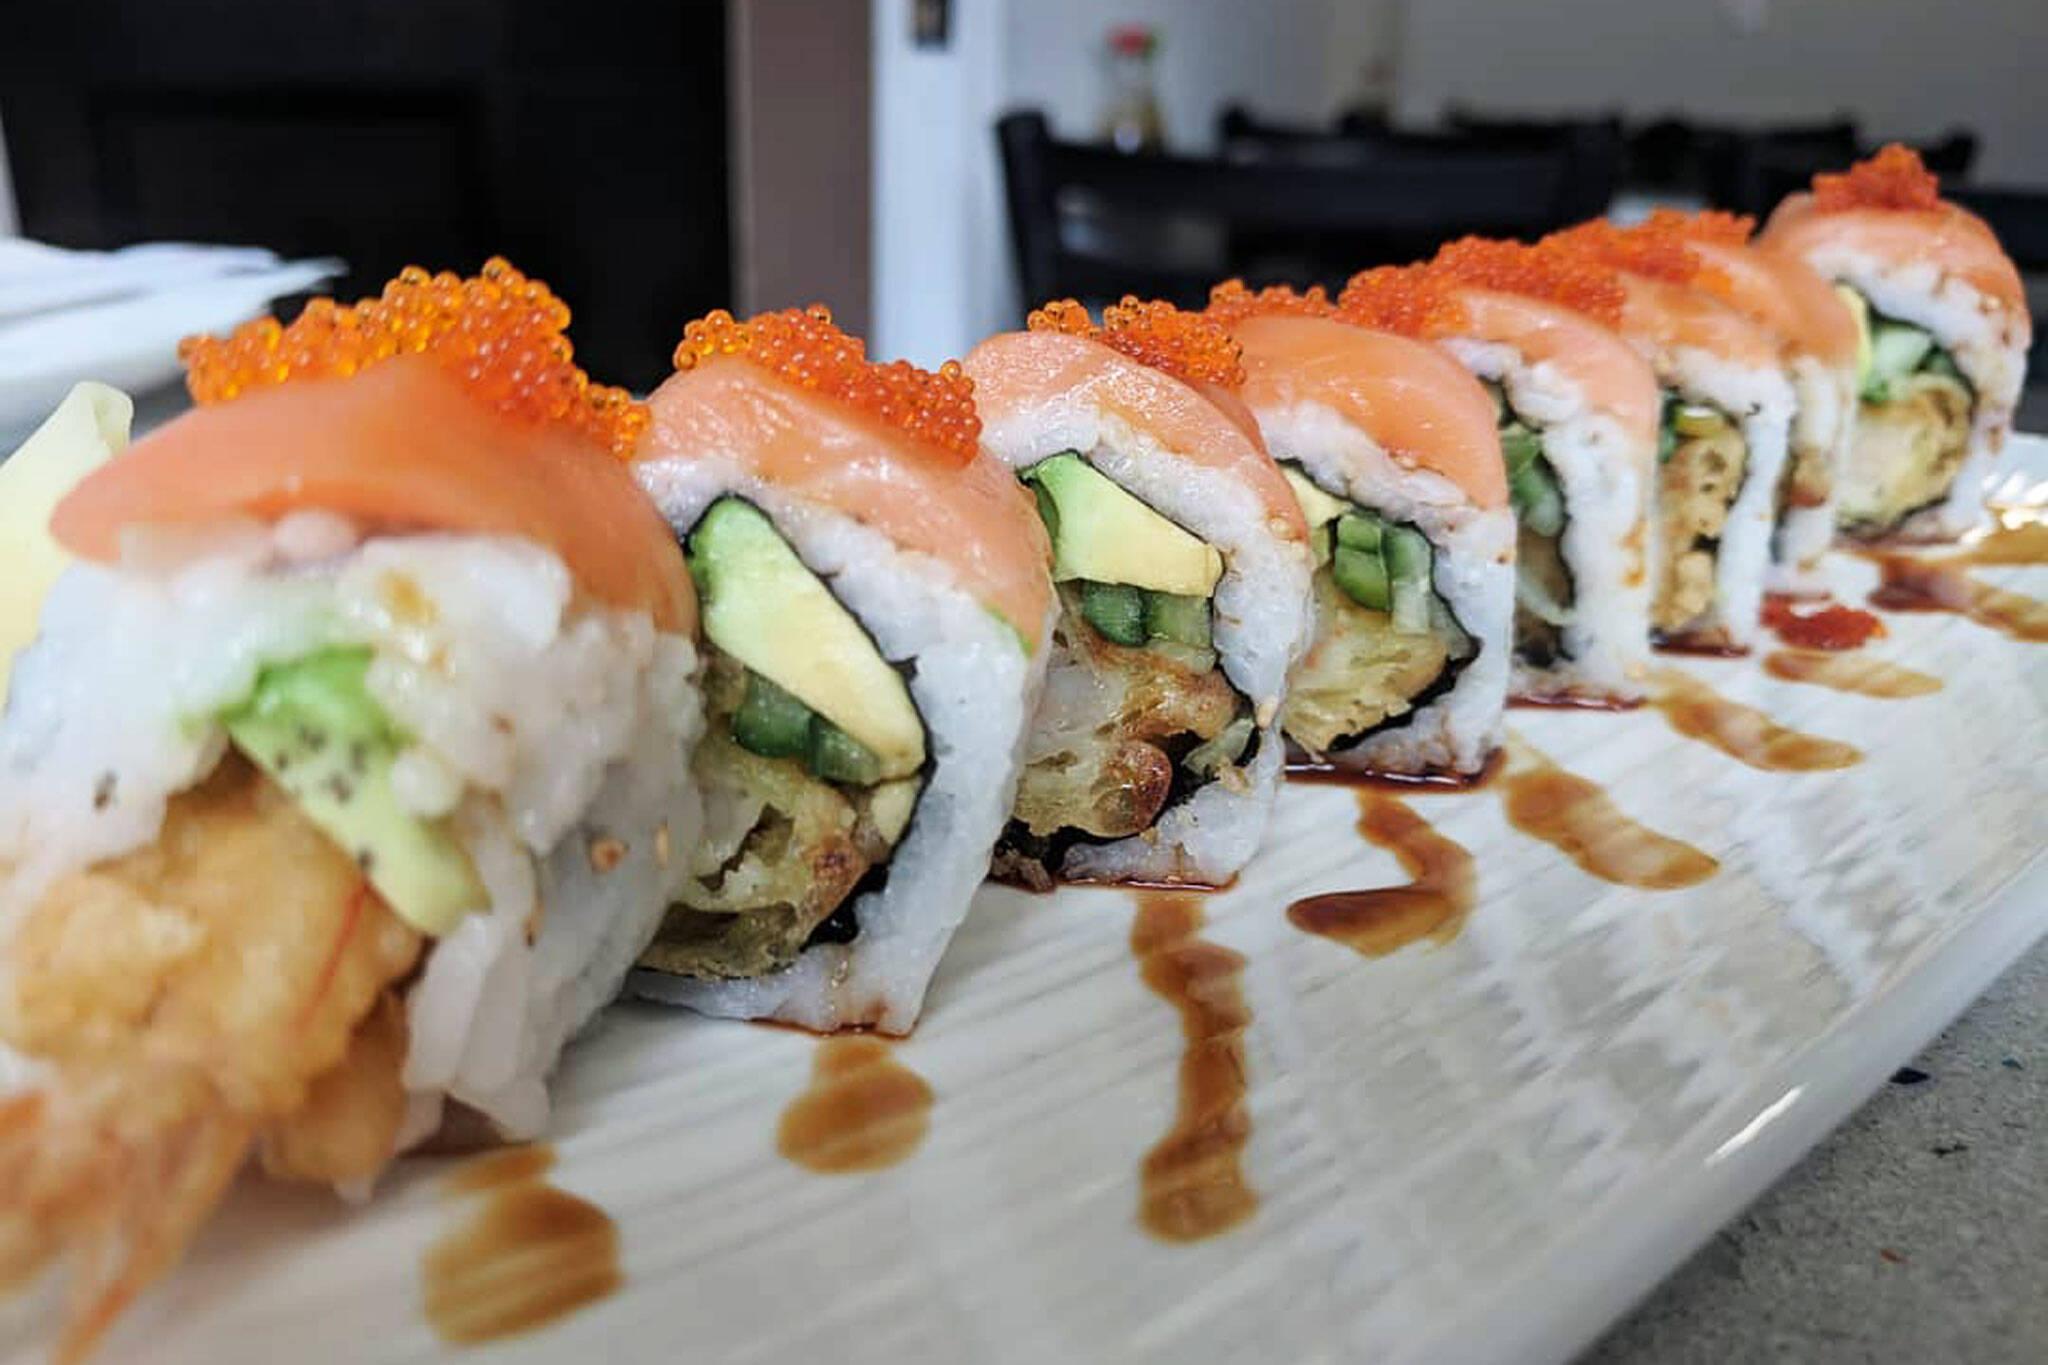 hikari sushi bar toronto